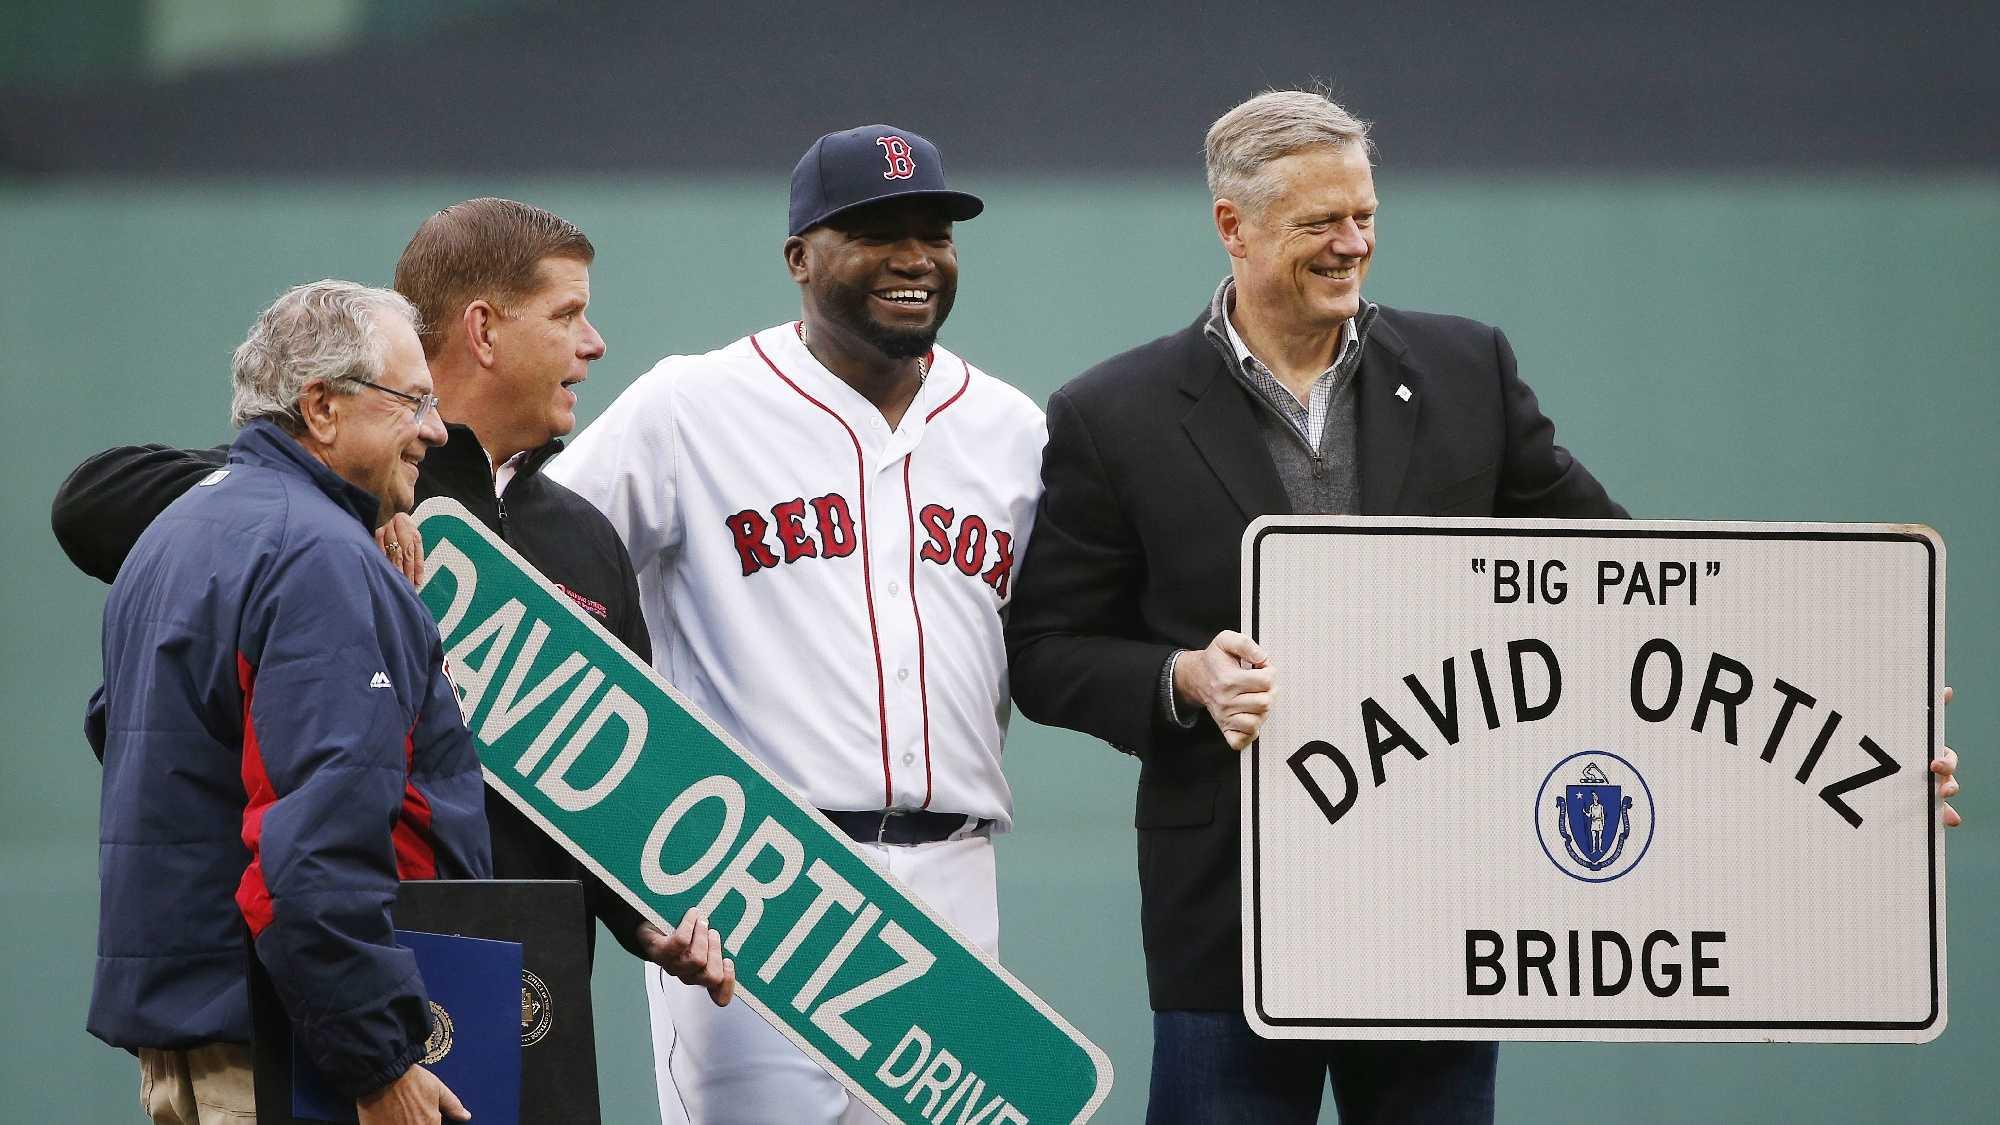 David Ortiz Bridge, Drive signs AP 1002.jpg